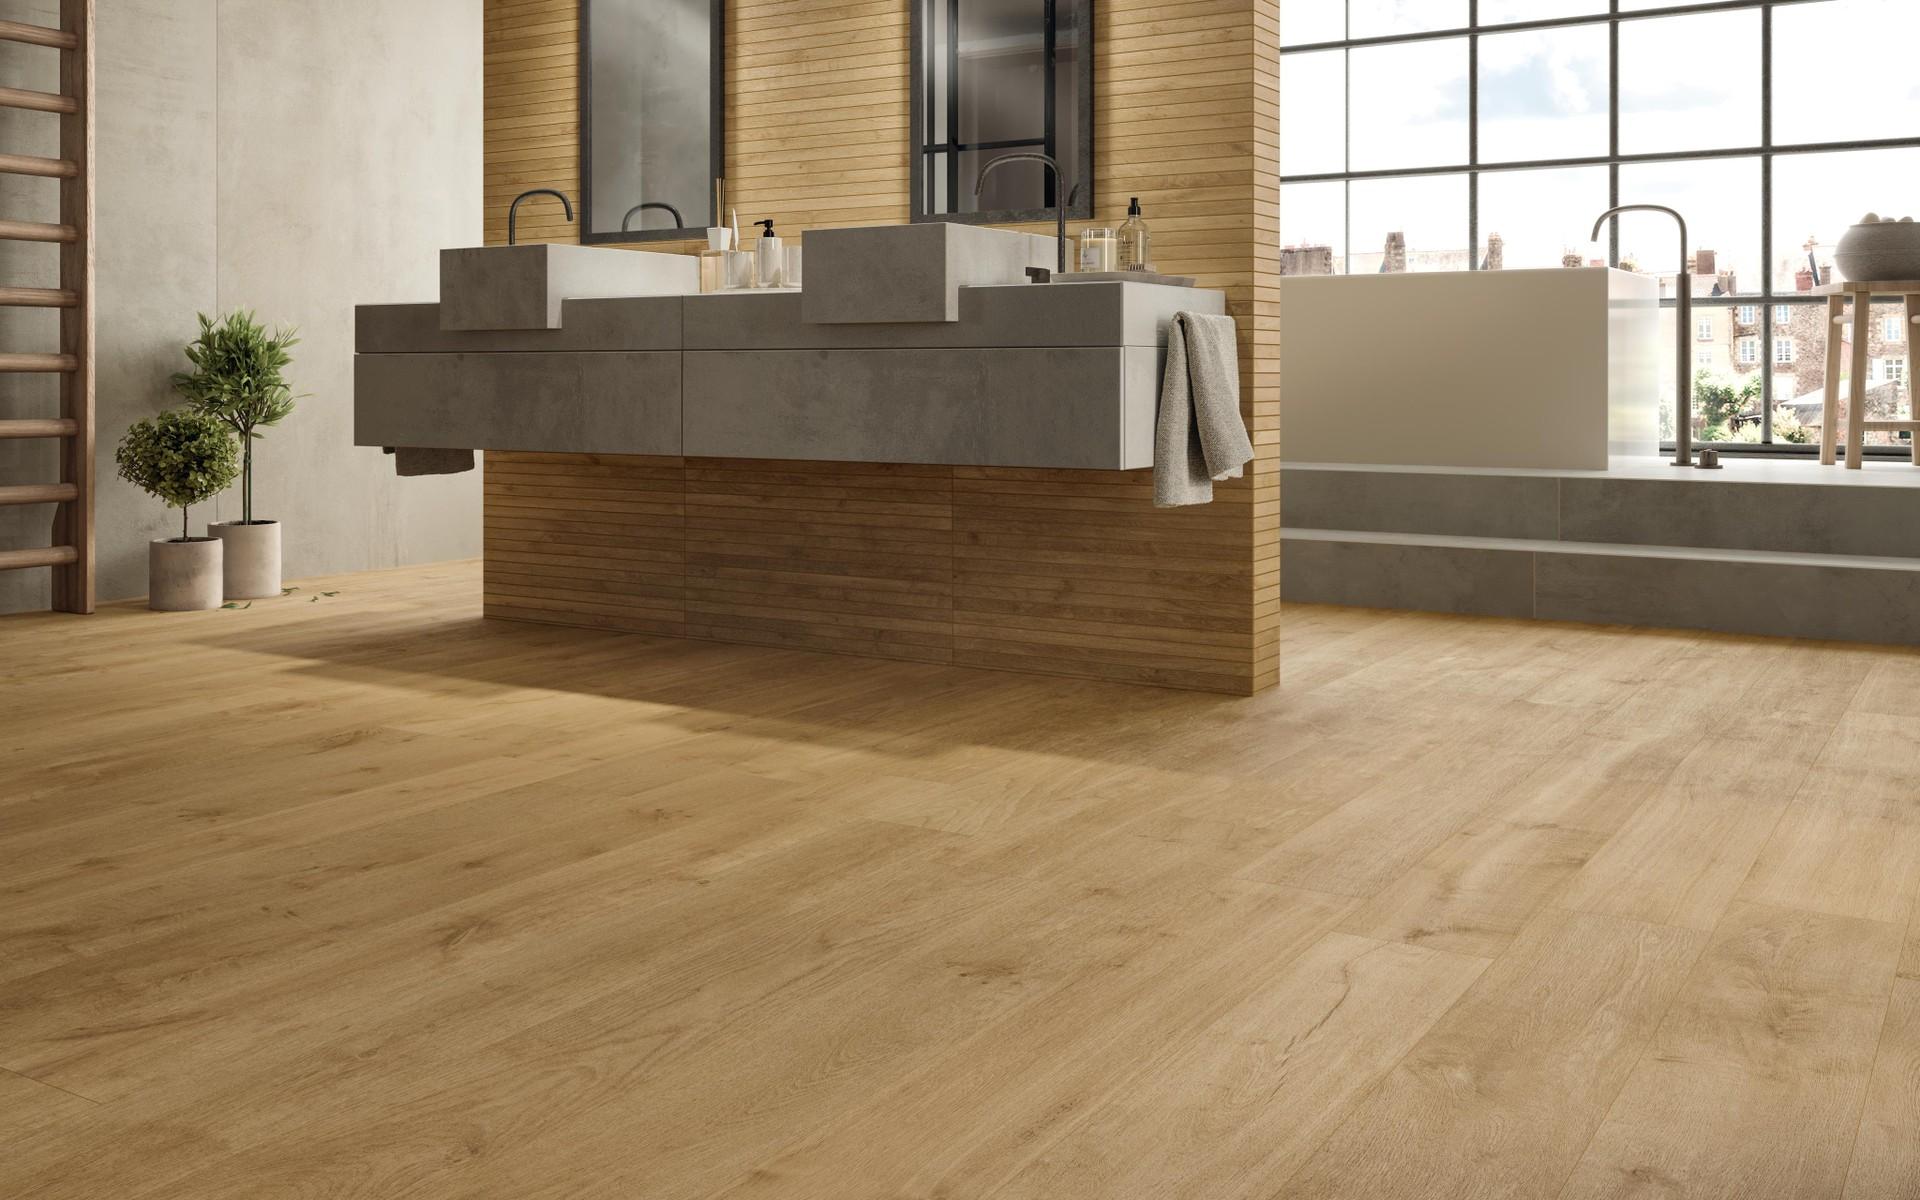 Dřevěná koupelna 14